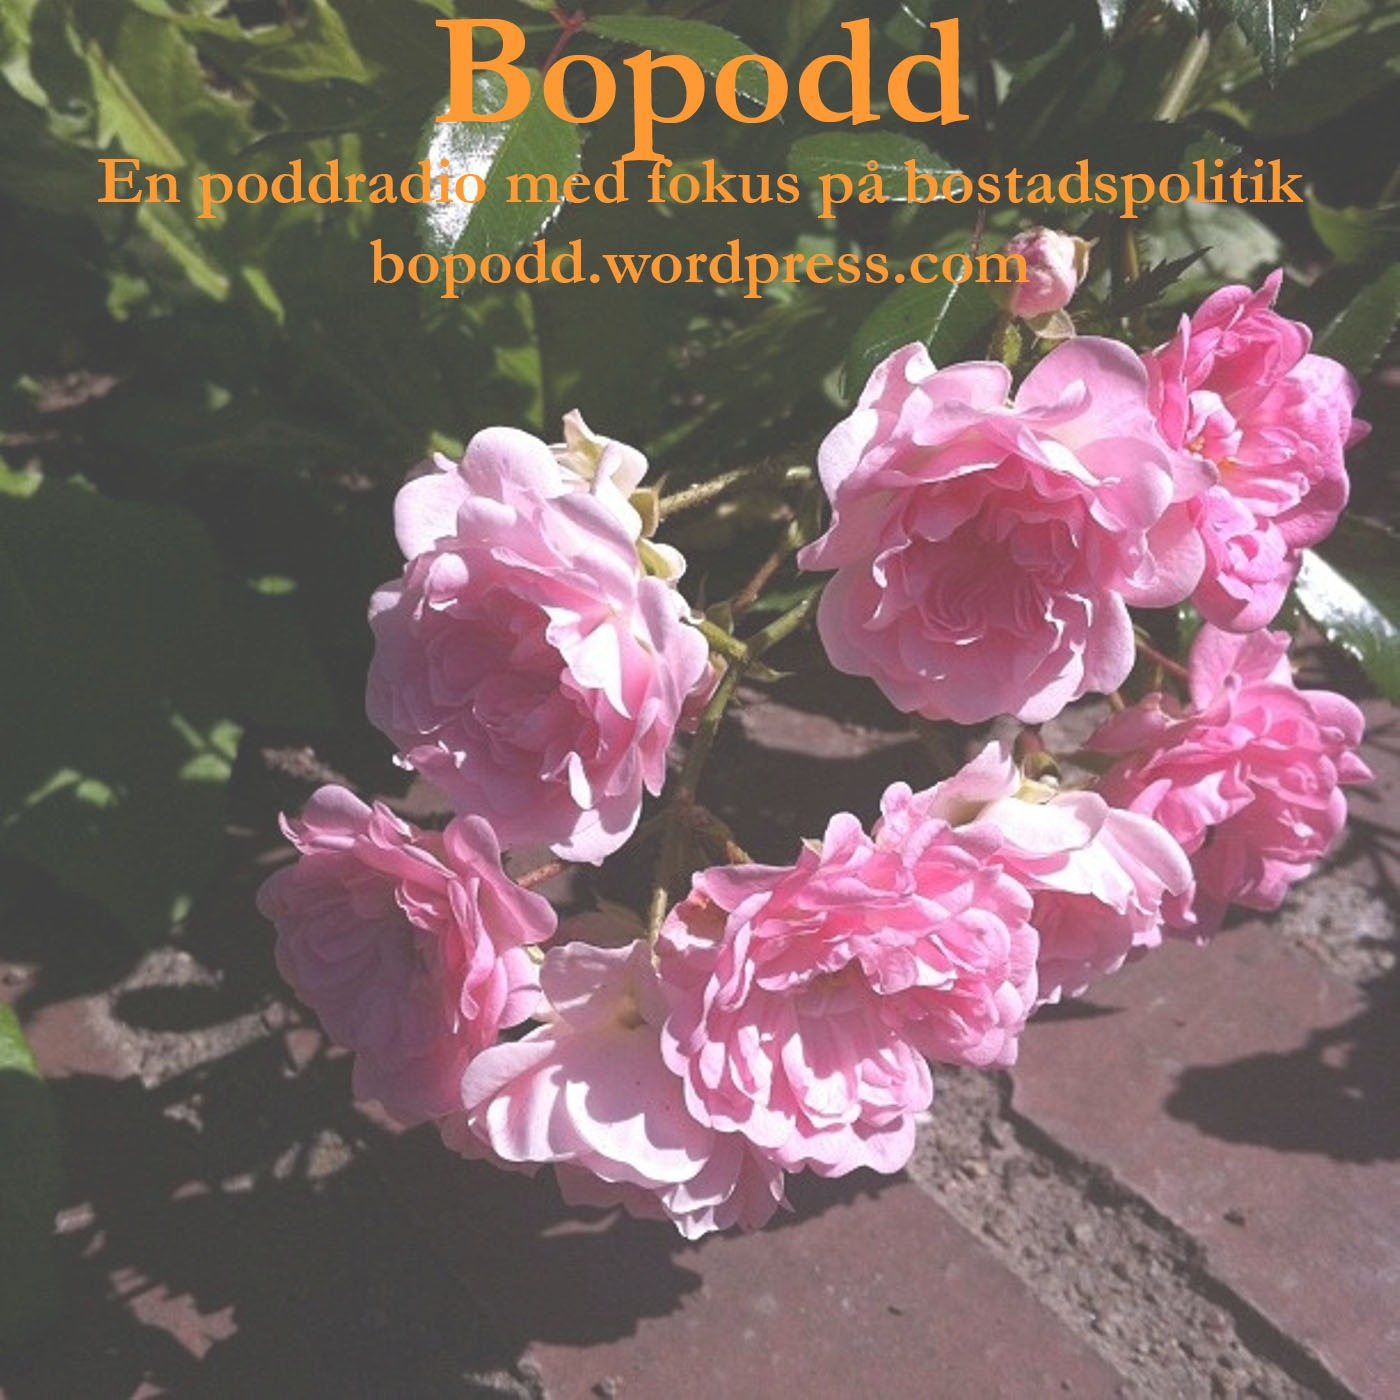 BoPodd